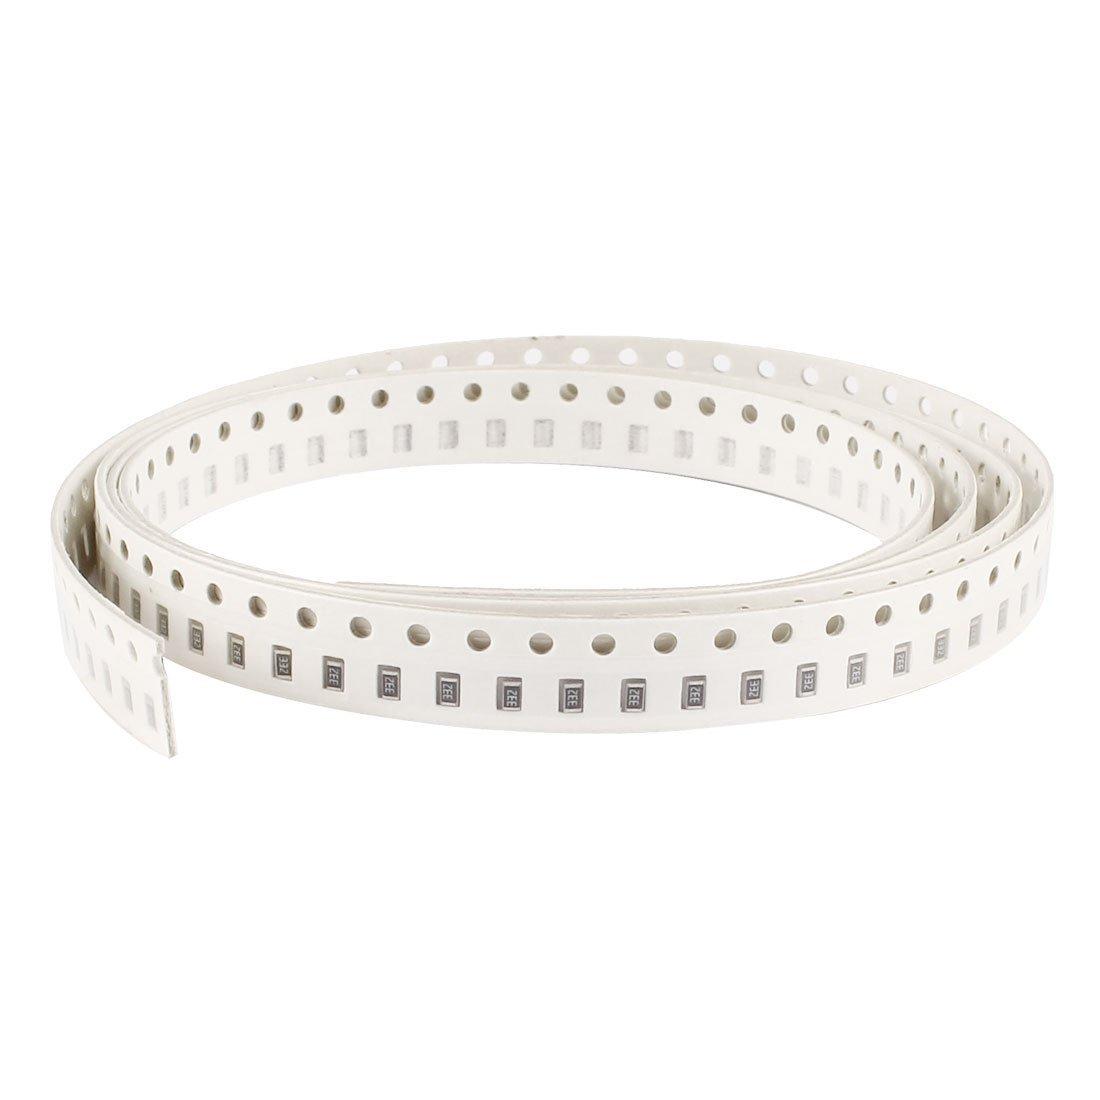 Sourcingmap/® 200 Pcs 0805 3K3 R/ésistance 3K3ohm 5/% Mince Film SMT SMD Chip R/ésistances